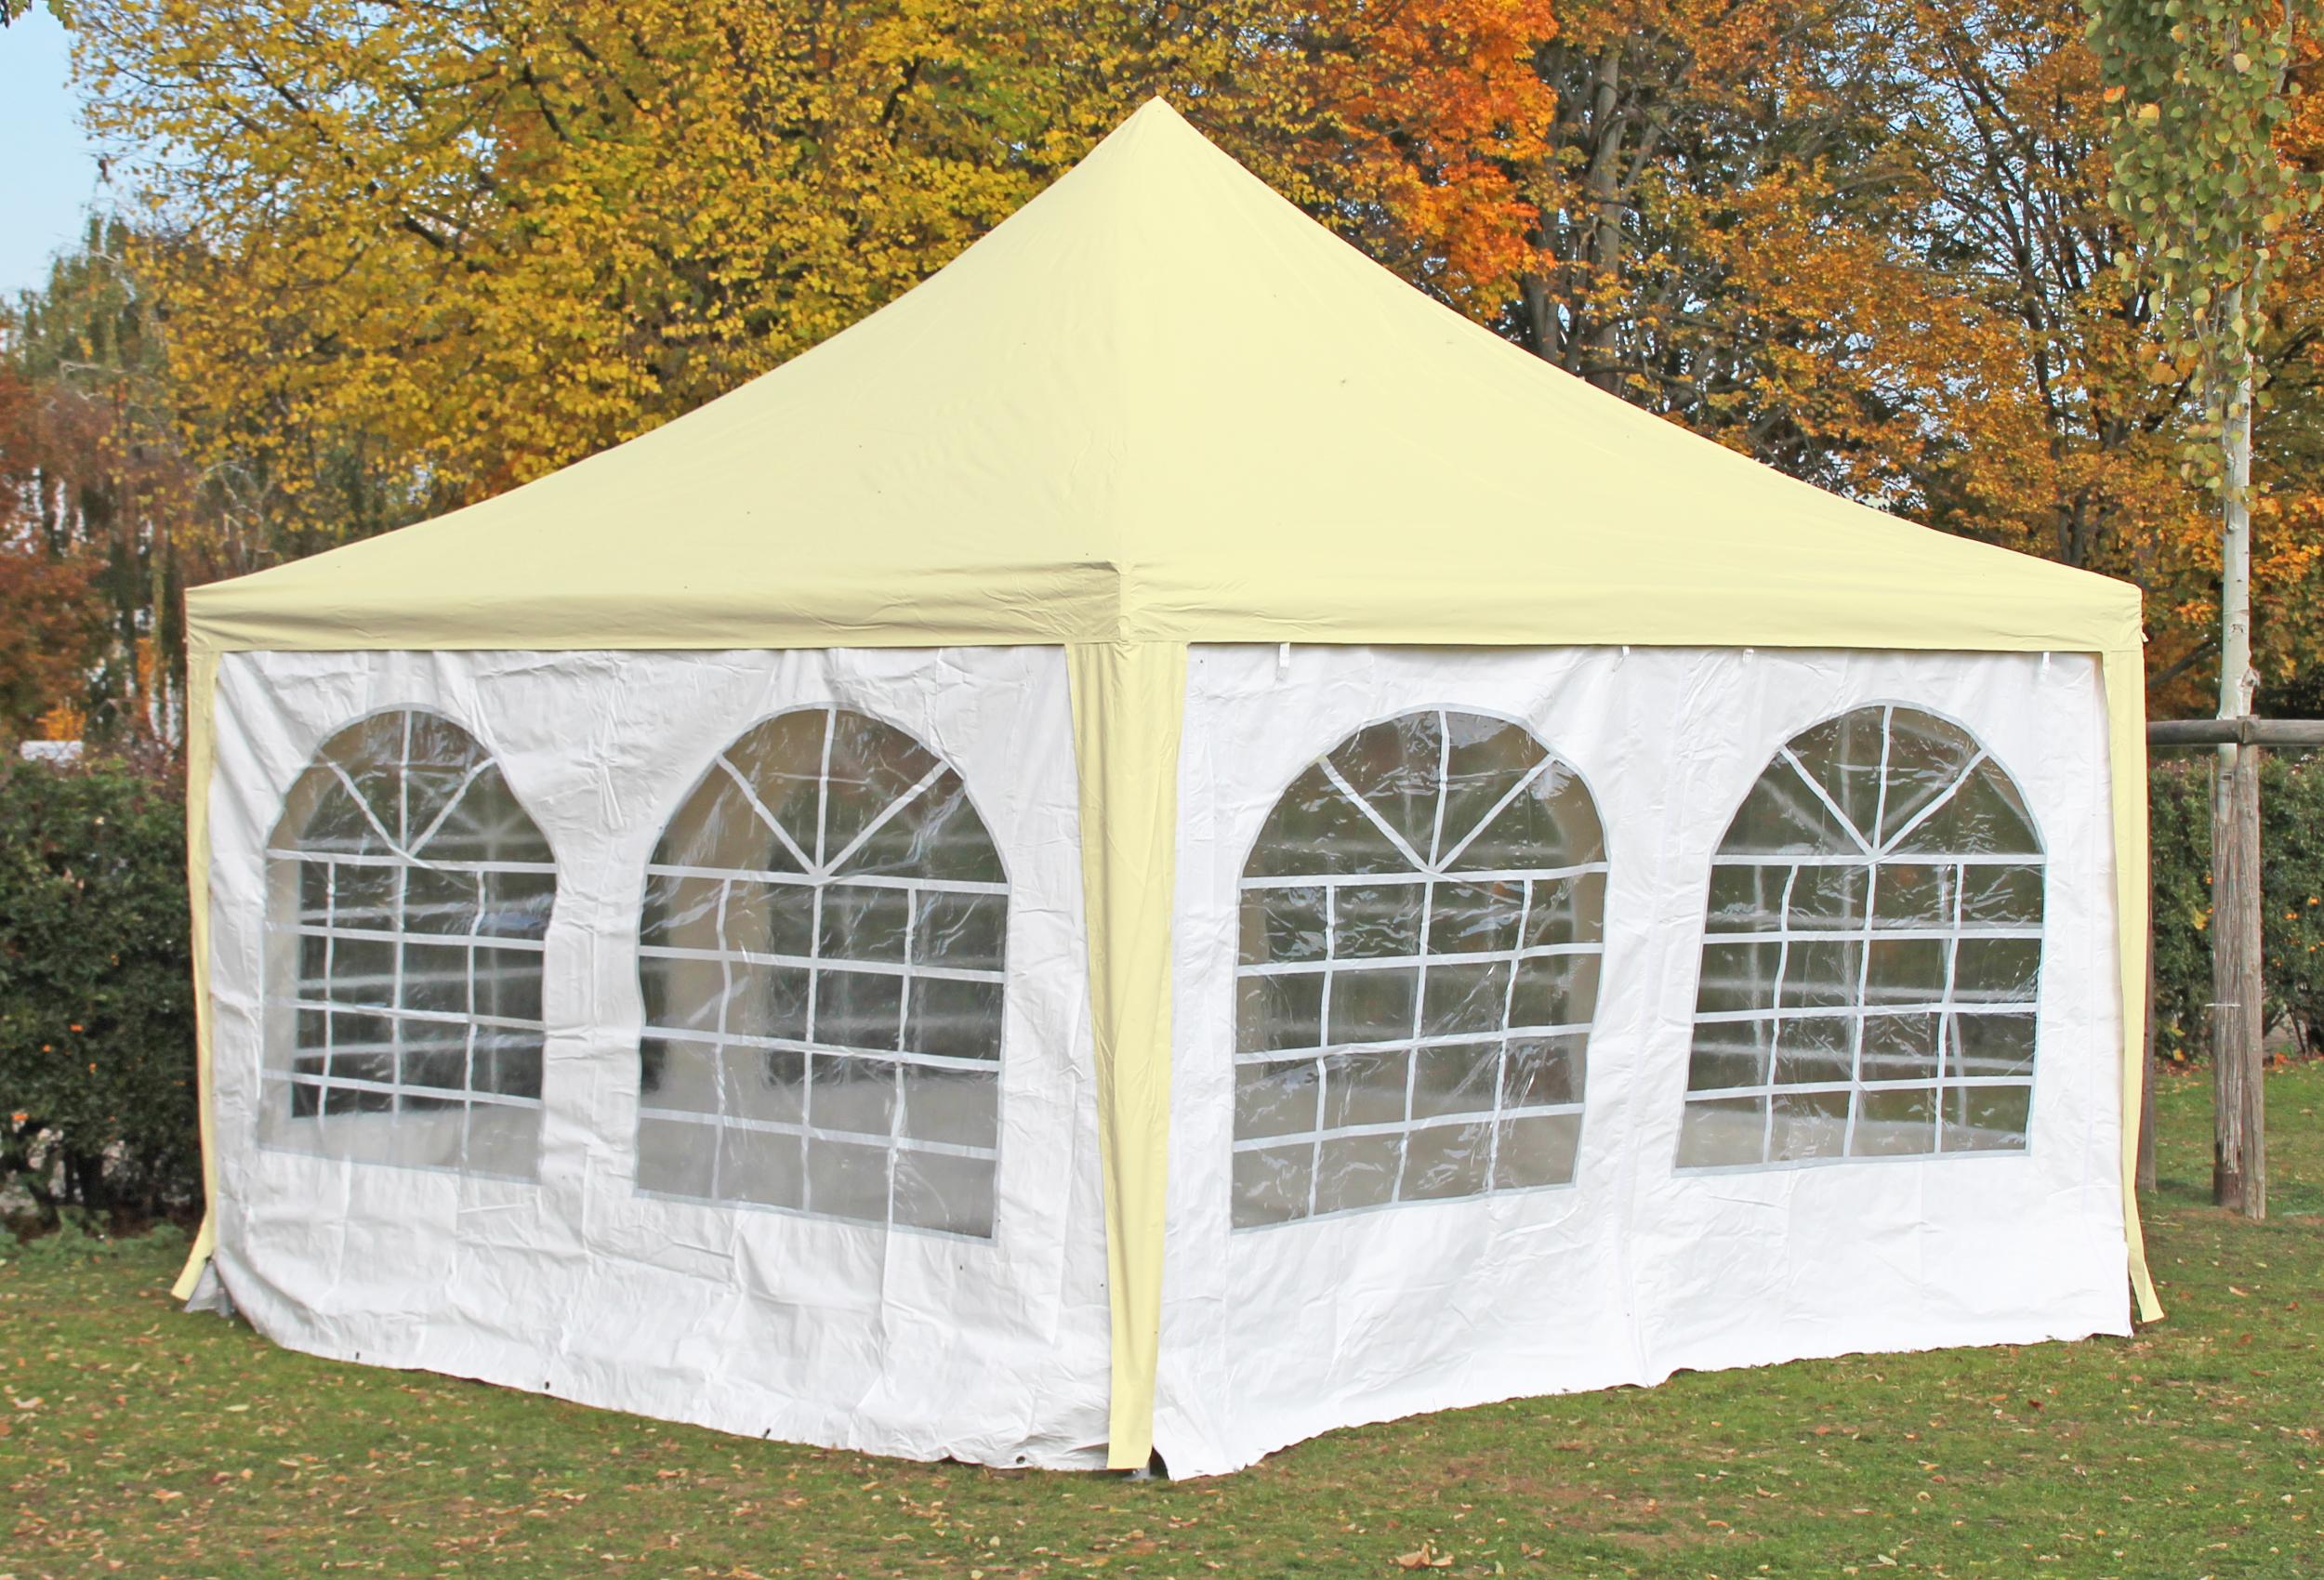 pavillon 4x4 meter arabica pvc beige wei inkl seitenteile kostenfreie lieferung 4x4. Black Bedroom Furniture Sets. Home Design Ideas